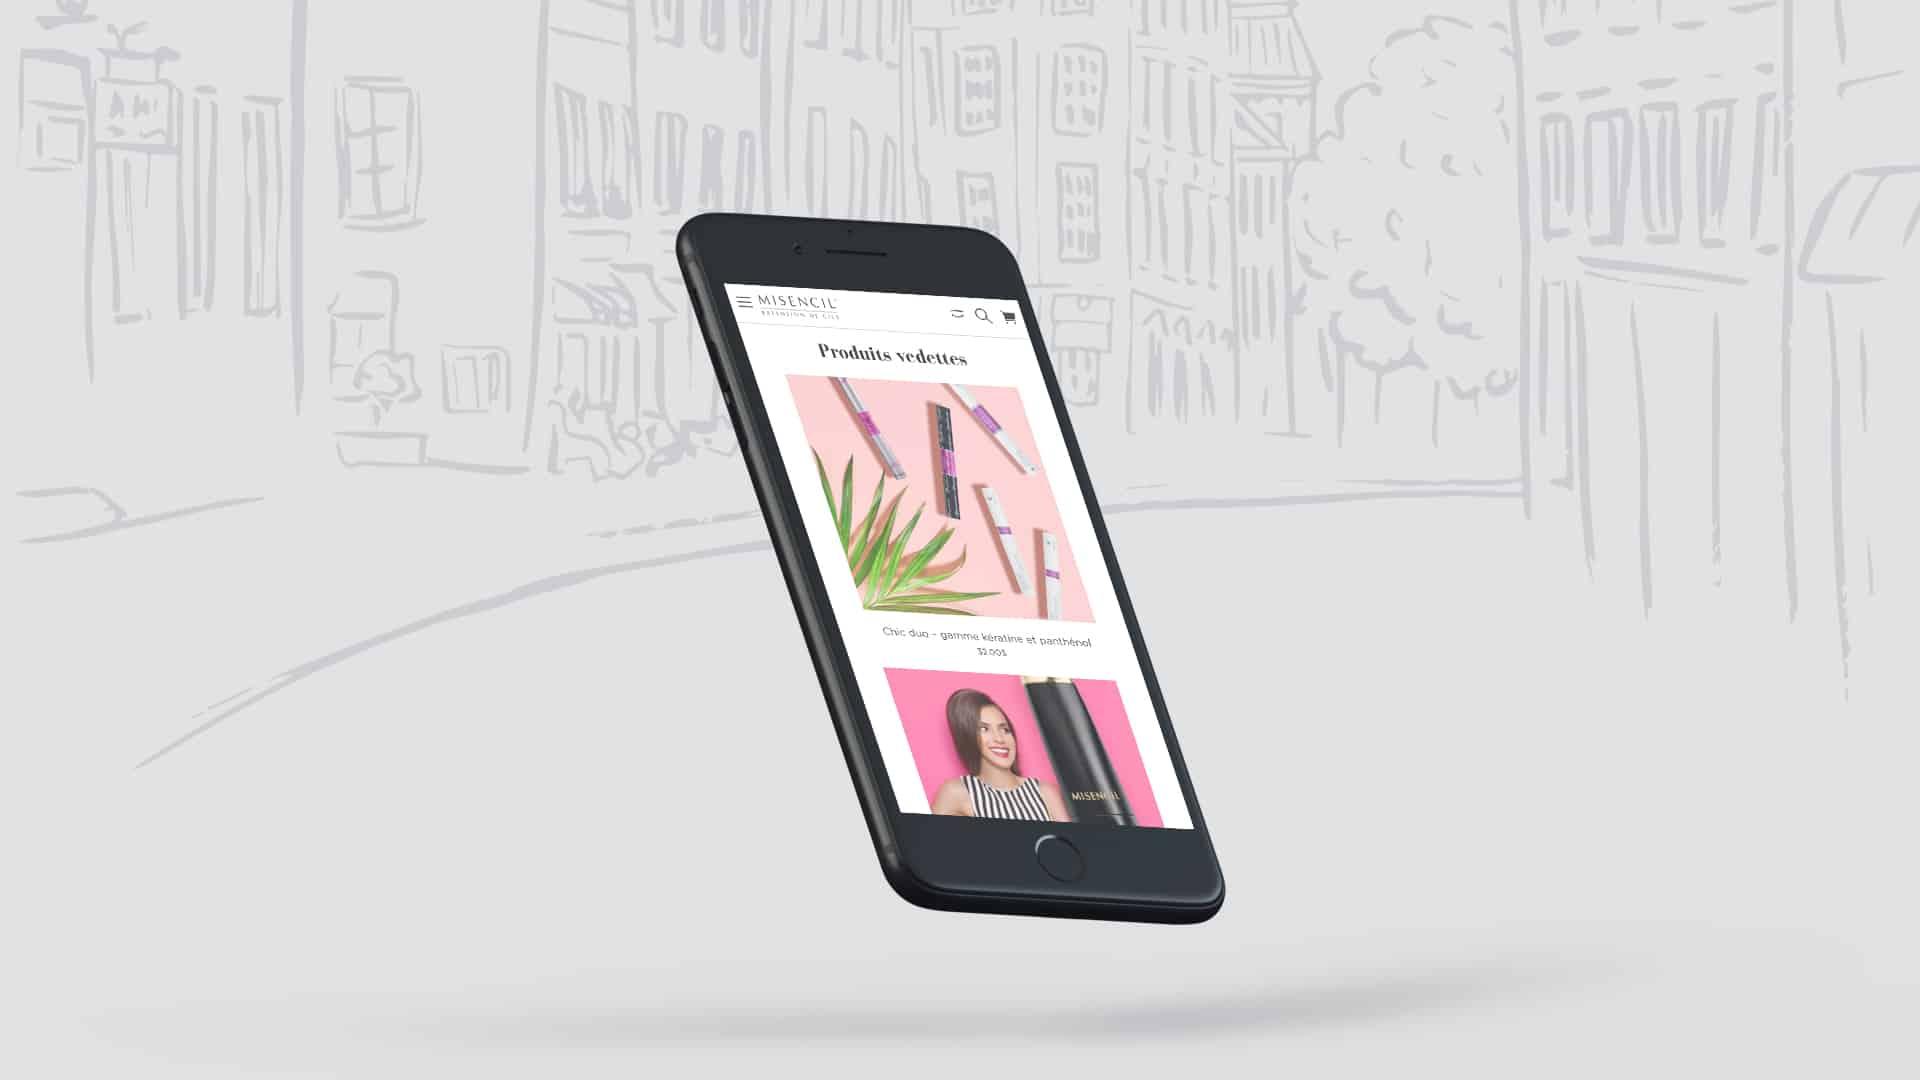 mobile_produits-vedettes_refonte-misencil_la-shop-web_bg